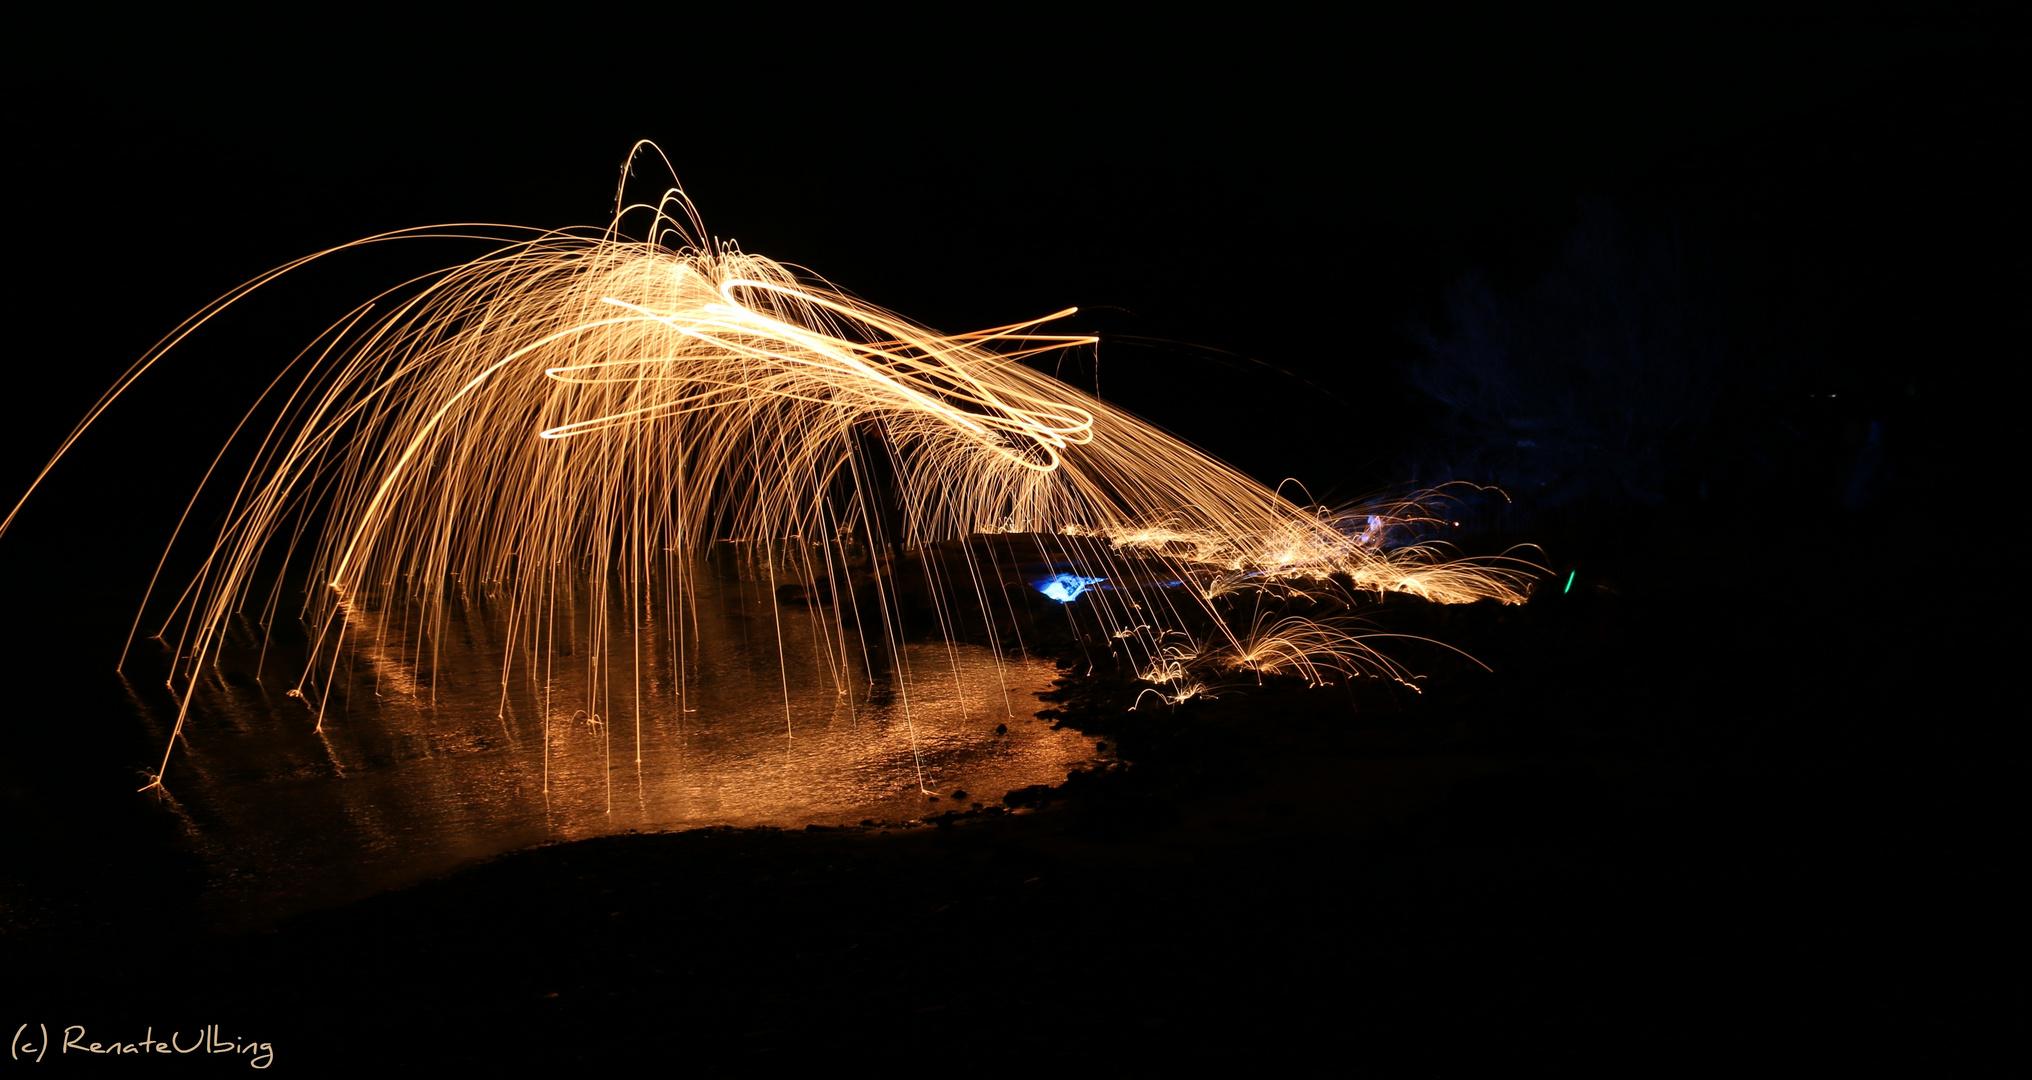 Feuerwerk selbst gemacht